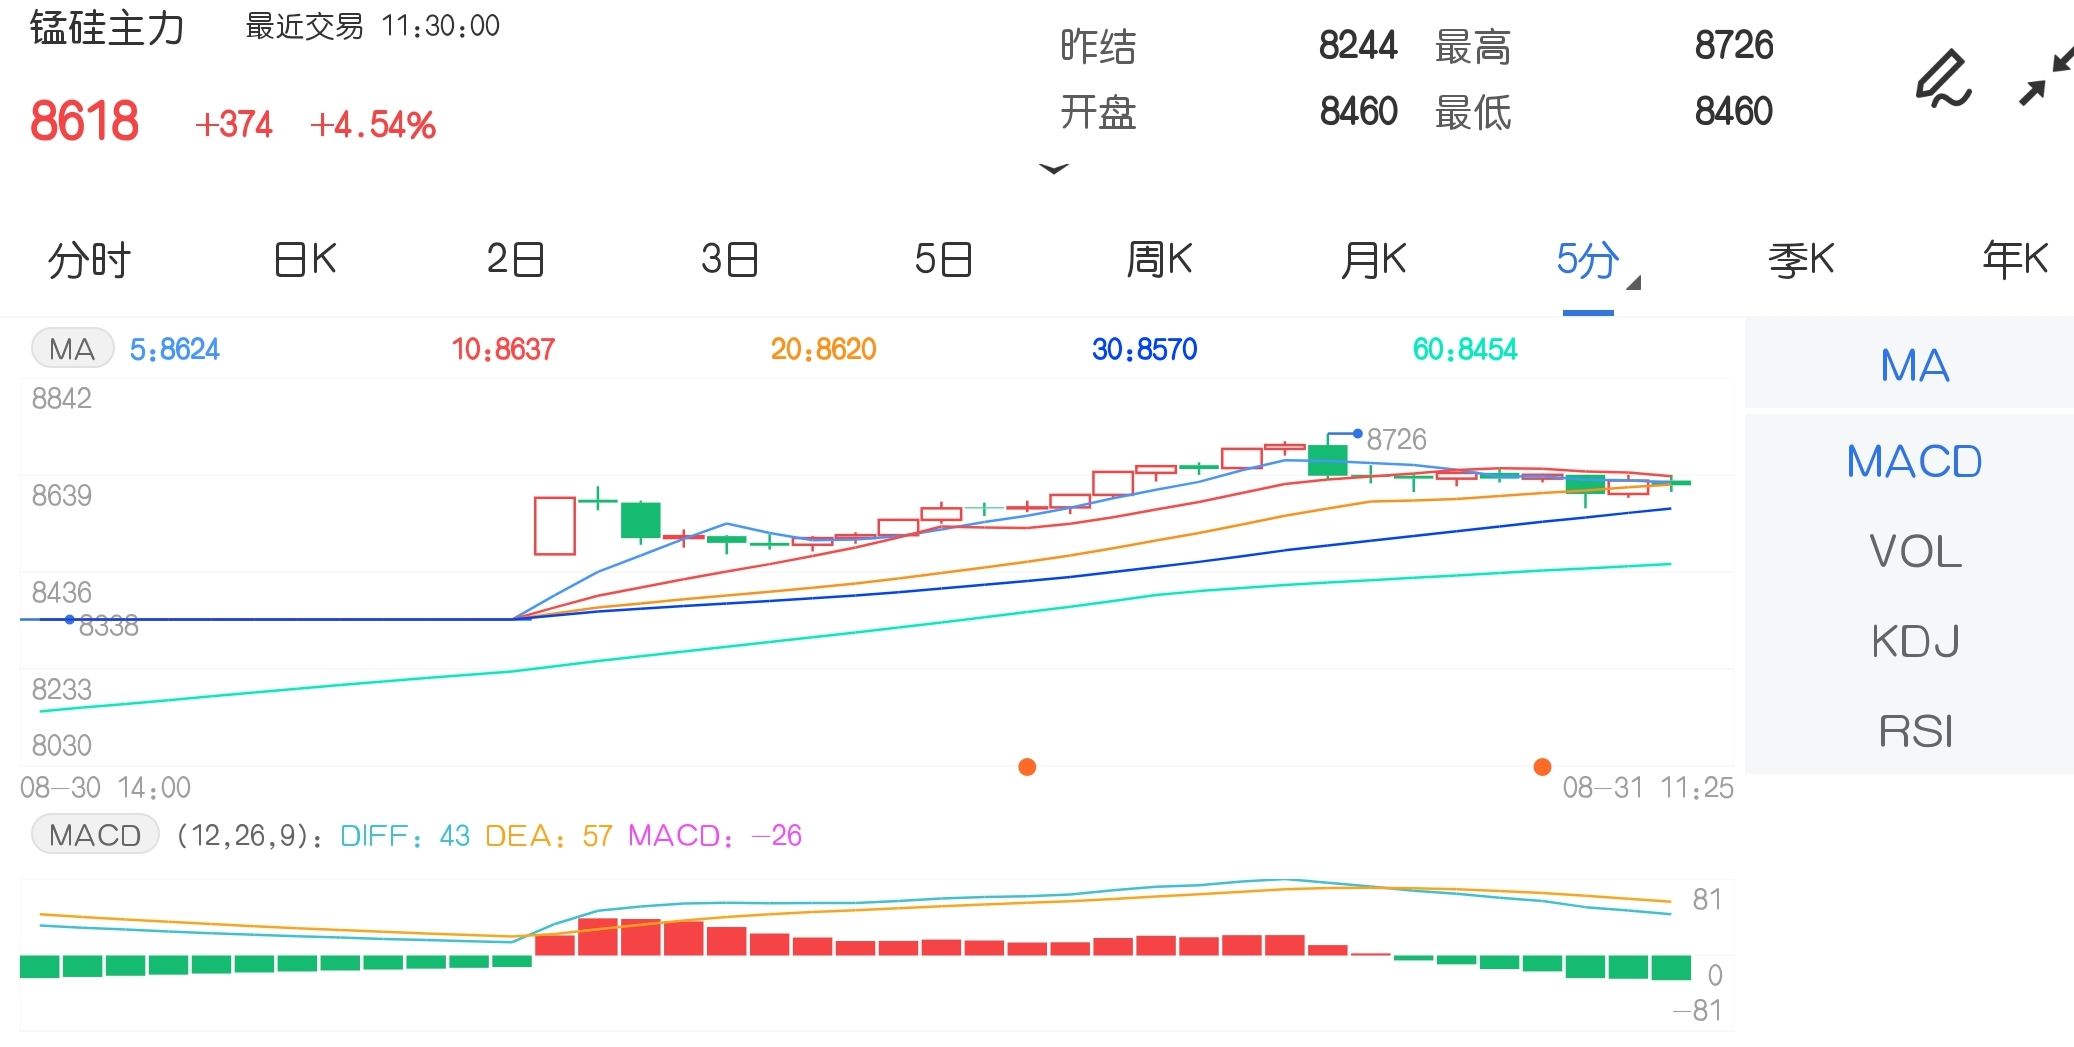 8月31日期市午評:商品期貨漲跌互現 錳硅漲超4%強勢不改